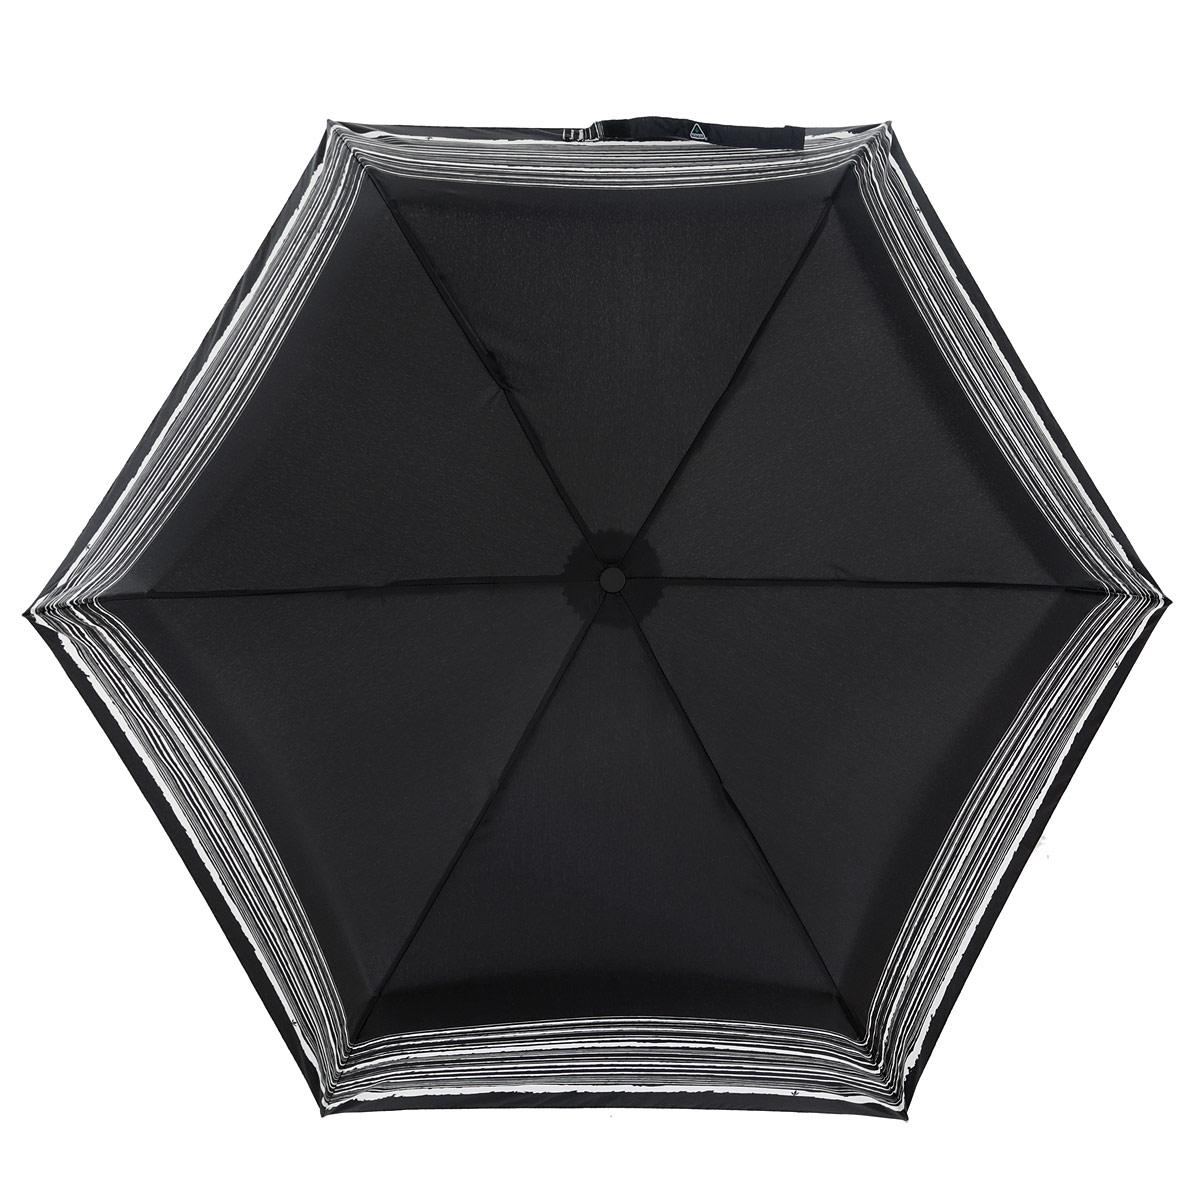 Зонт женский Fulton Superslim-2. Trio, механический, 3 сложения, цвет: черный, белый. L780-2896L780-2896Модный механический зонт Superslim-2. Trio даже в ненастную погоду позволит вам оставаться стильной и элегантной. Каркас зонта состоит из 8 спиц из фибергласса и металлического стержня. Купол зонта выполнен из прочного полиэстера. Изделие оснащено тремя сменными рукоятками из пластика, кожи и дерева. Зонт механического сложения: купол открывается и закрывается вручную до характерного щелчка. Модель закрывается при помощи одного ремня с липучкой. К зонту прилагается чехол на липучке. Модный зонтик комплектуется картонной коробкой с прозрачным пластиковым окошком. Такой зонт не только надежно защитит вас от дождя, но и станет стильным аксессуаром, который идеально подчеркнет ваш неповторимый образ.